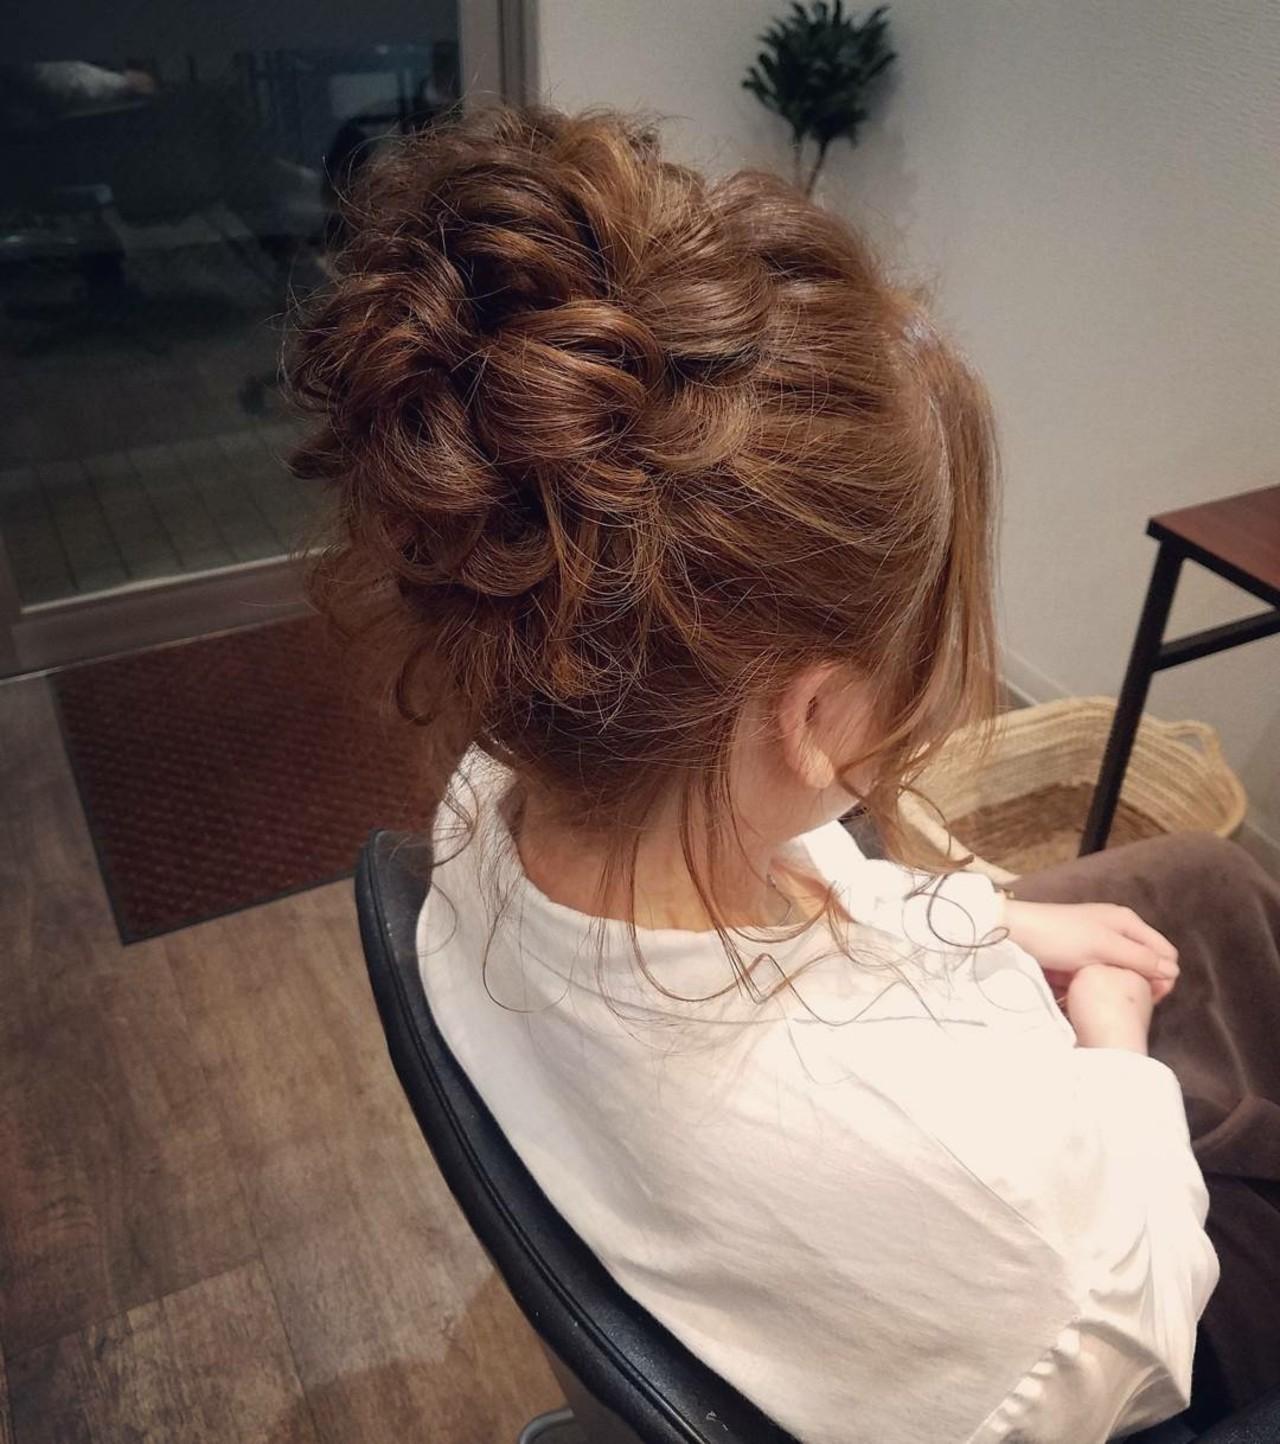 ヘアアレンジ アップスタイル お団子 ミディアム ヘアスタイルや髪型の写真・画像